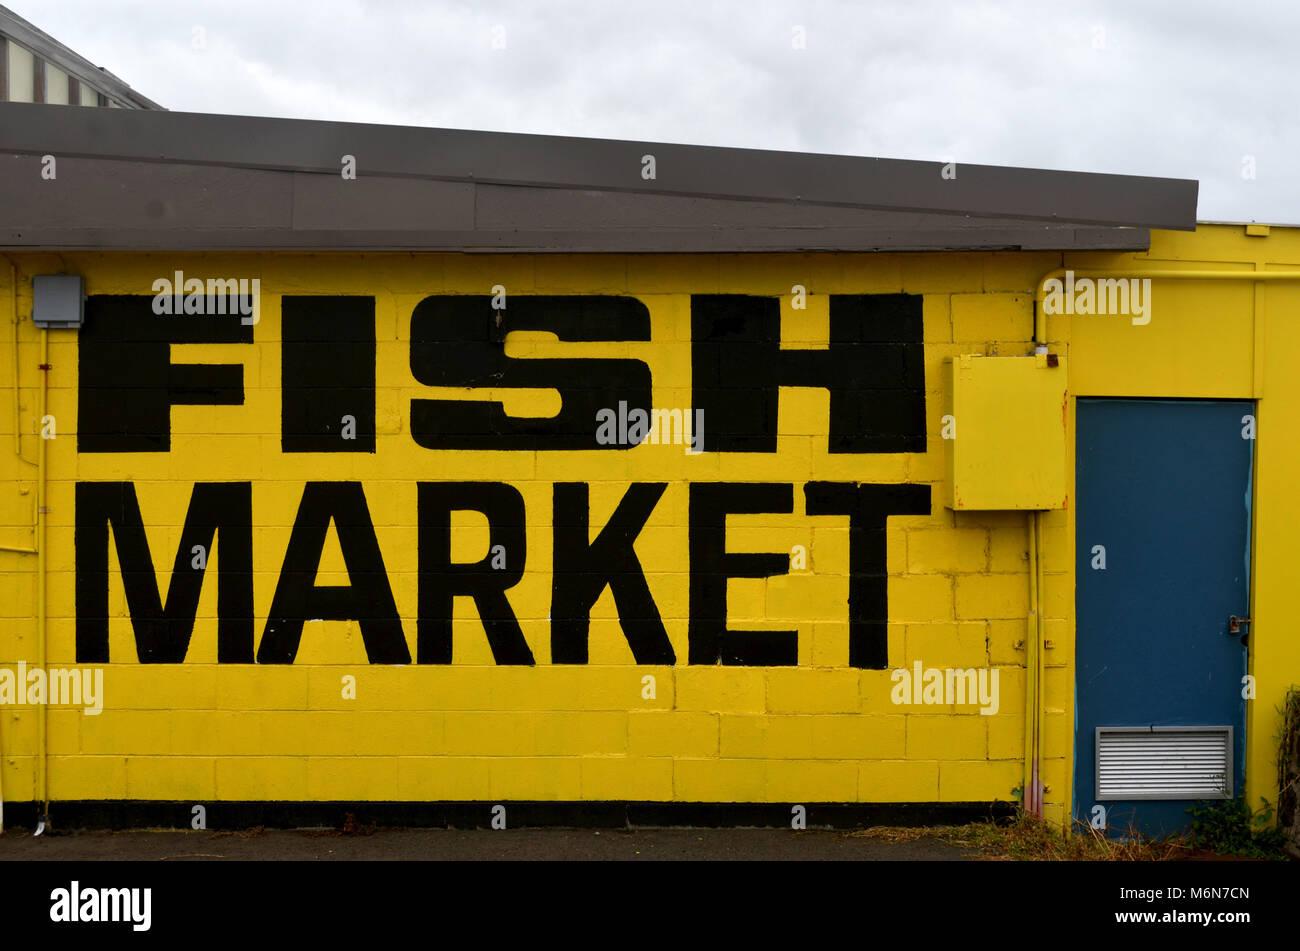 cc97dace478 Mercato del Pesce segno sul lato dell edificio a Kiama NSW Australia  Immagini Stock